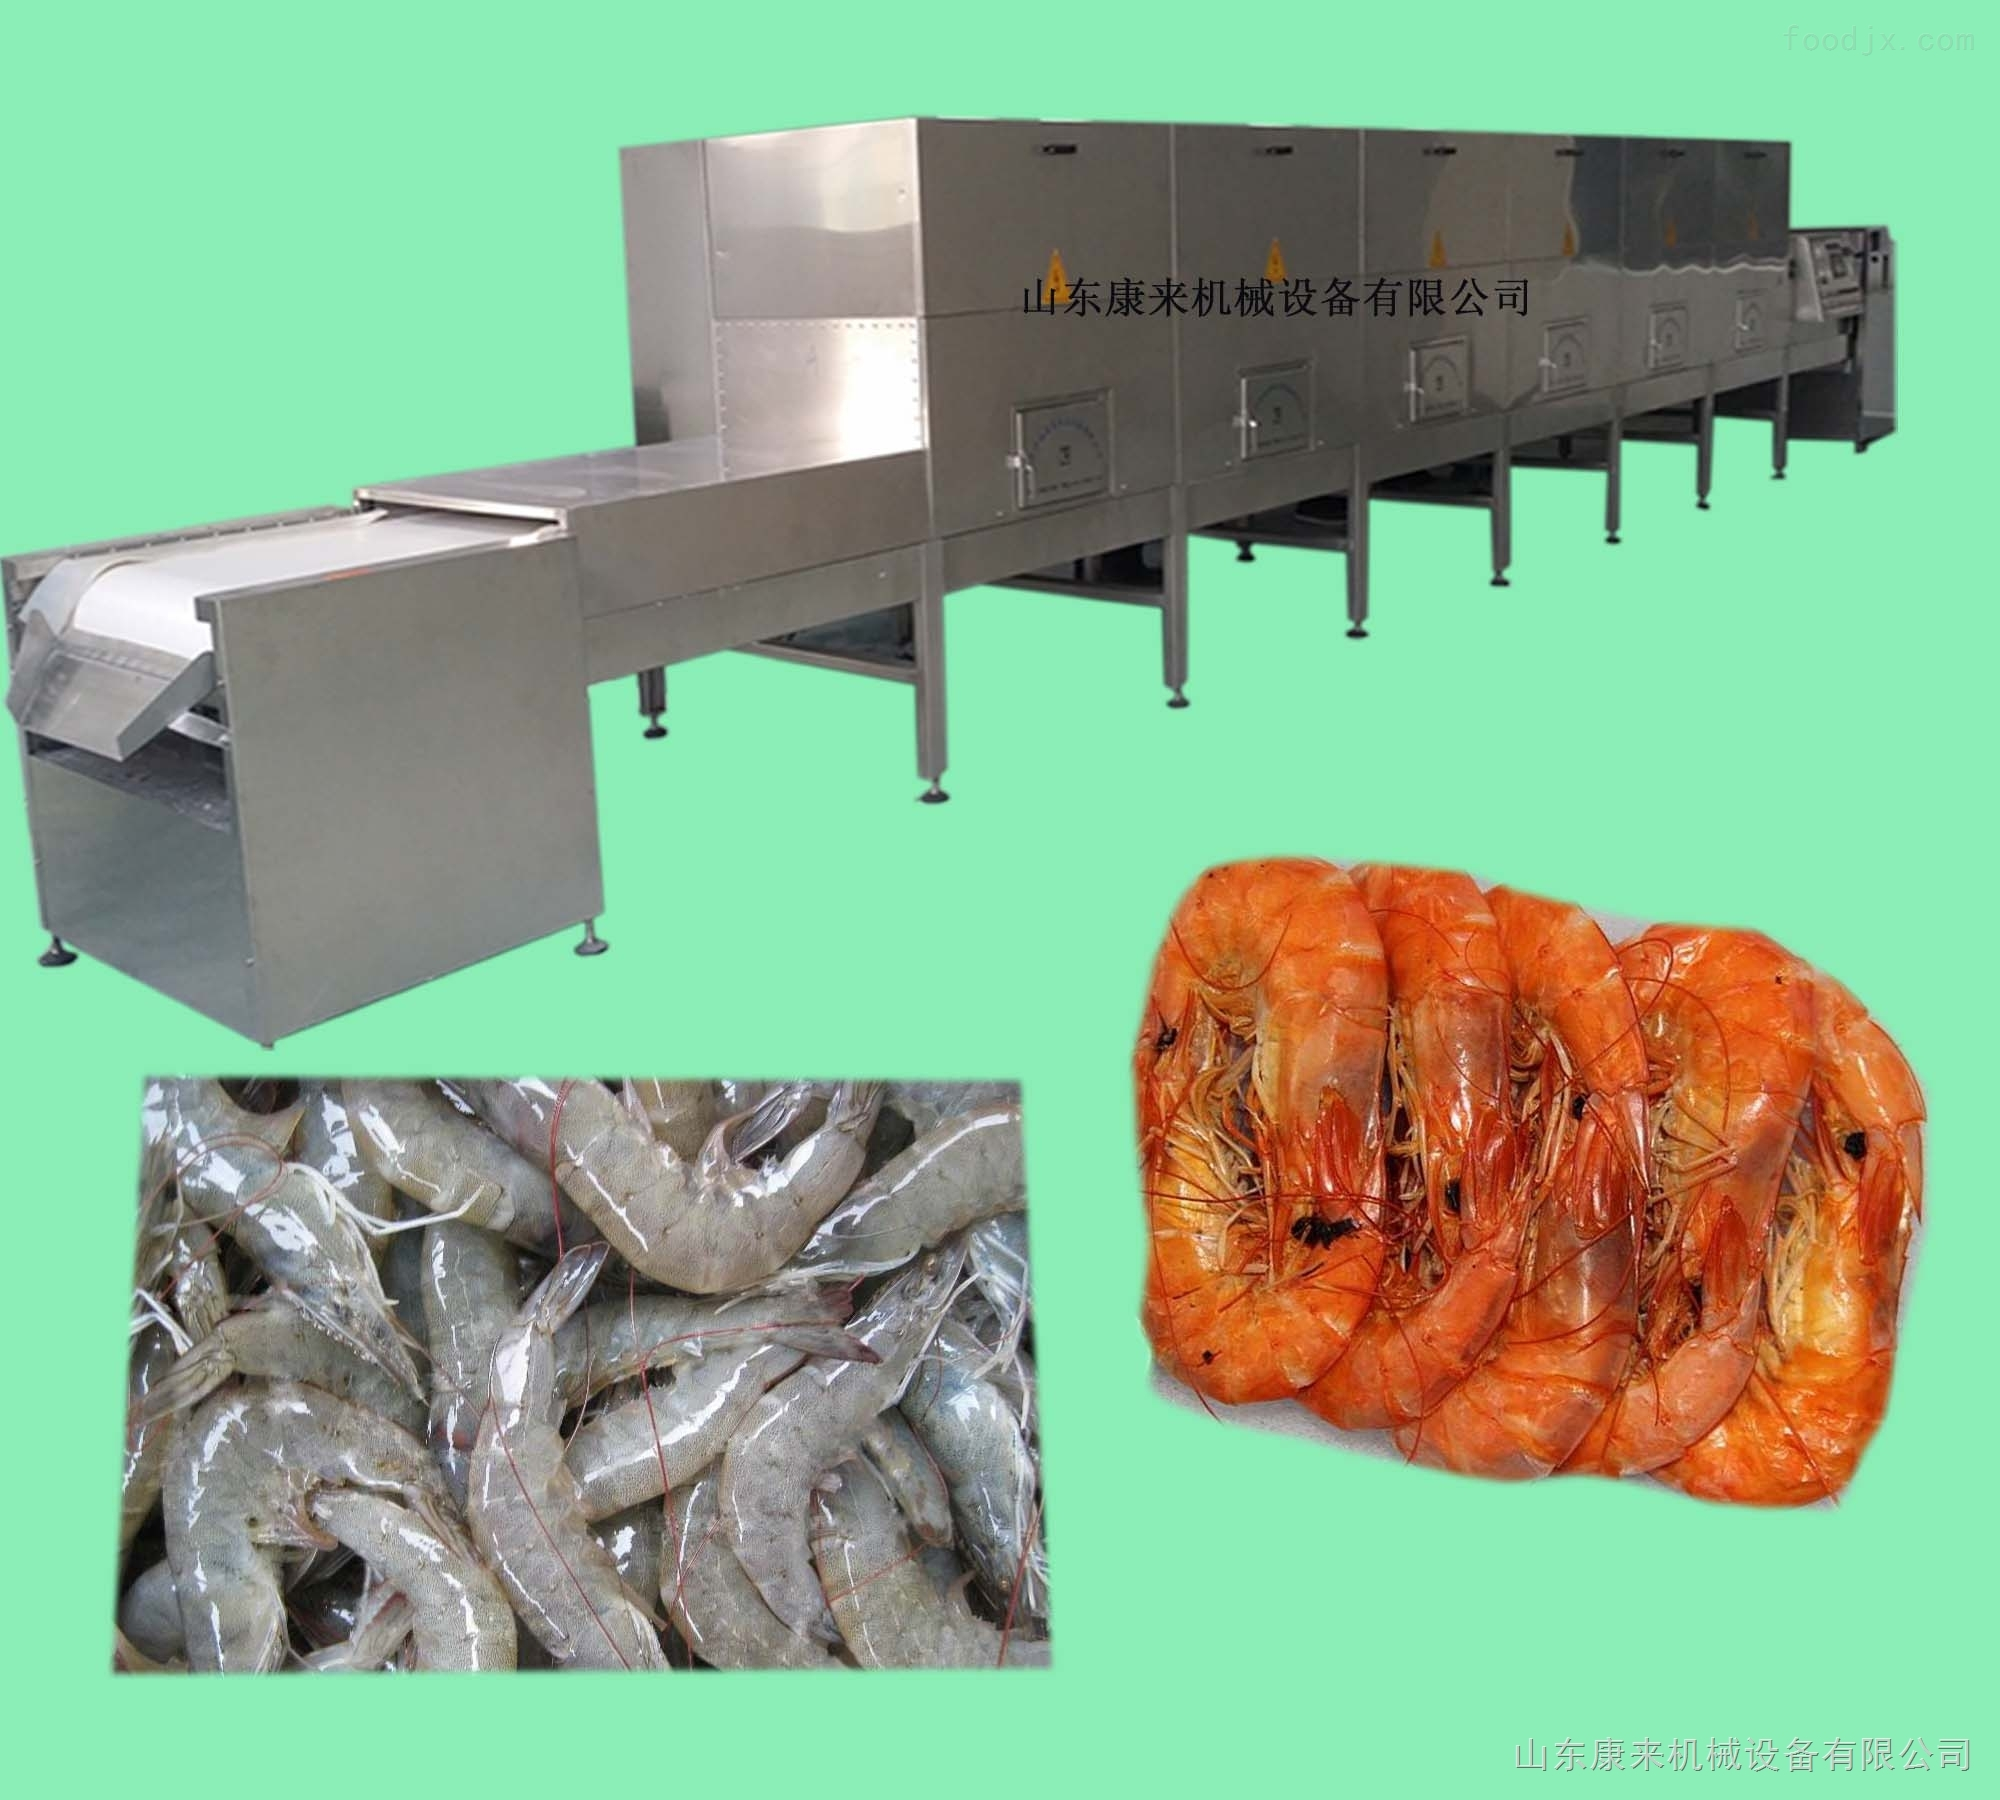 海鲜对虾烘烤设备,对虾烘烤隧道设备